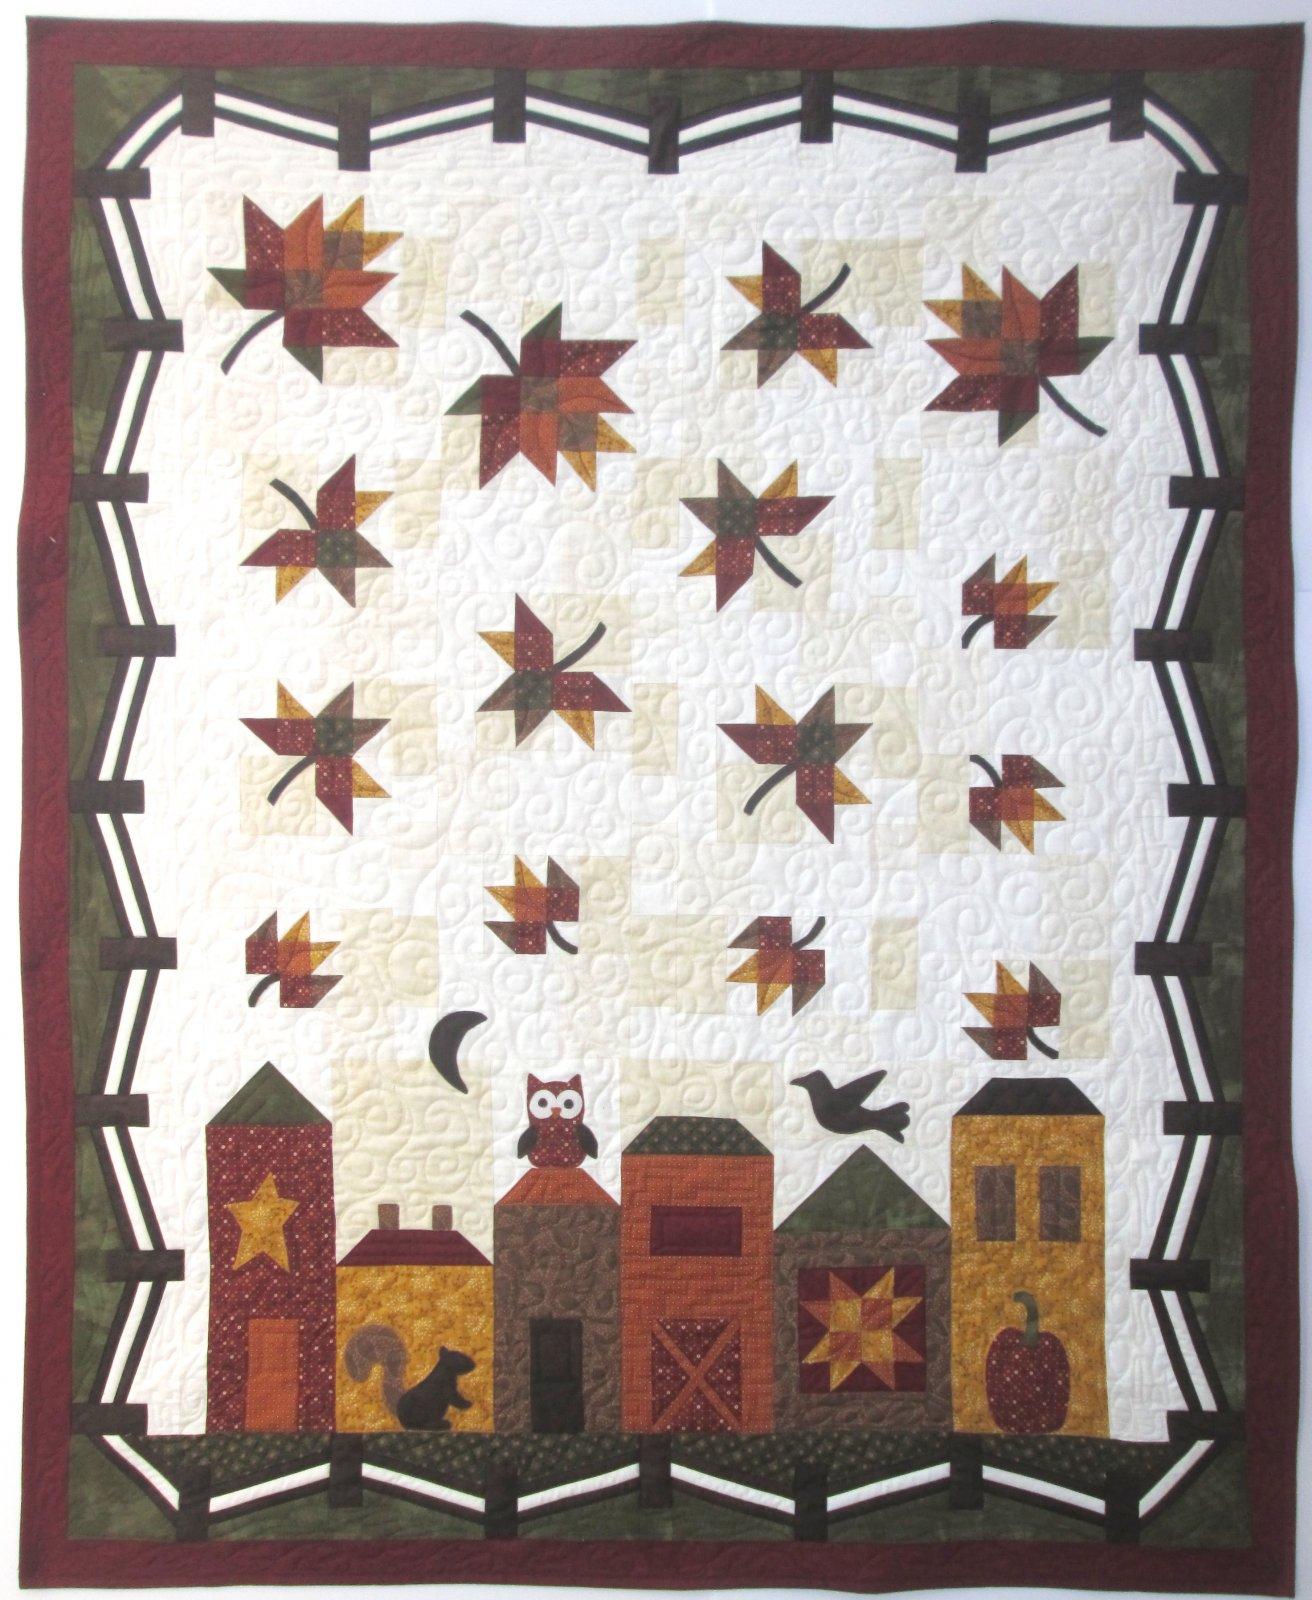 Abundant Blessings Hometown Harvest Quilt Sample 49 x 61